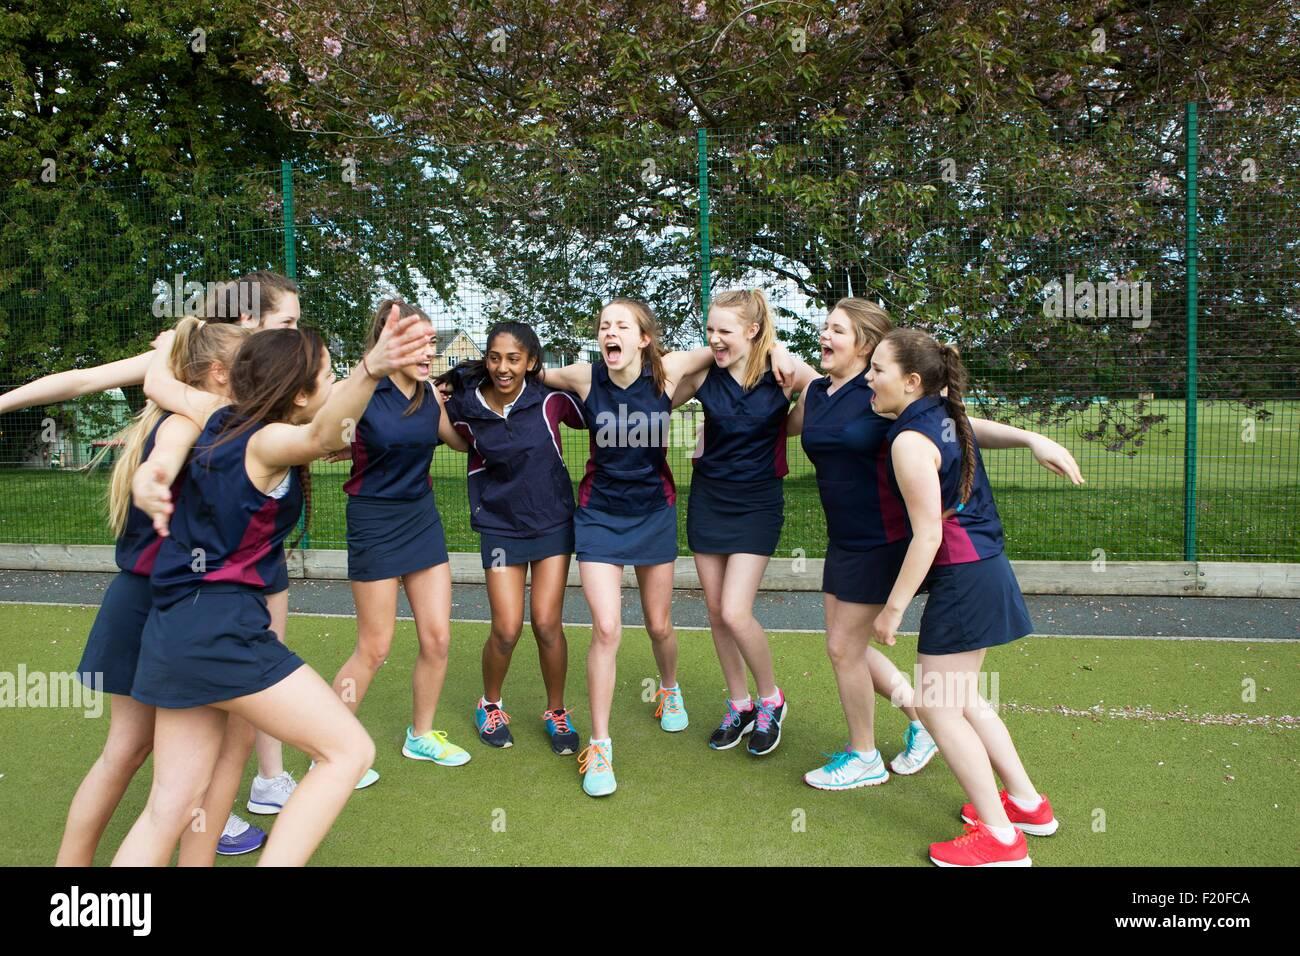 Grupo de estudiantes mujeres en el campo de deportes, brazos alrededor Imagen De Stock